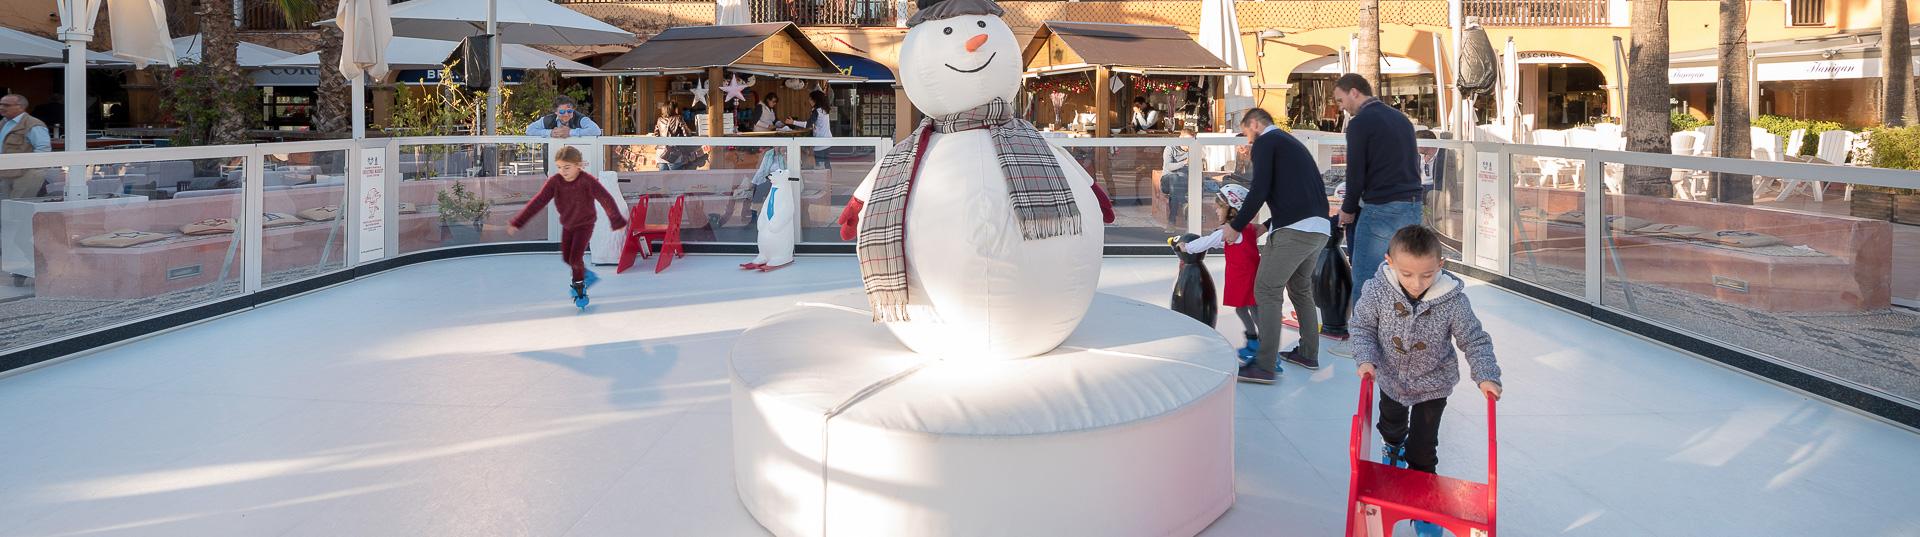 クリスマスのアイスリンク | スケートリンクをレンタルしてみませんか?